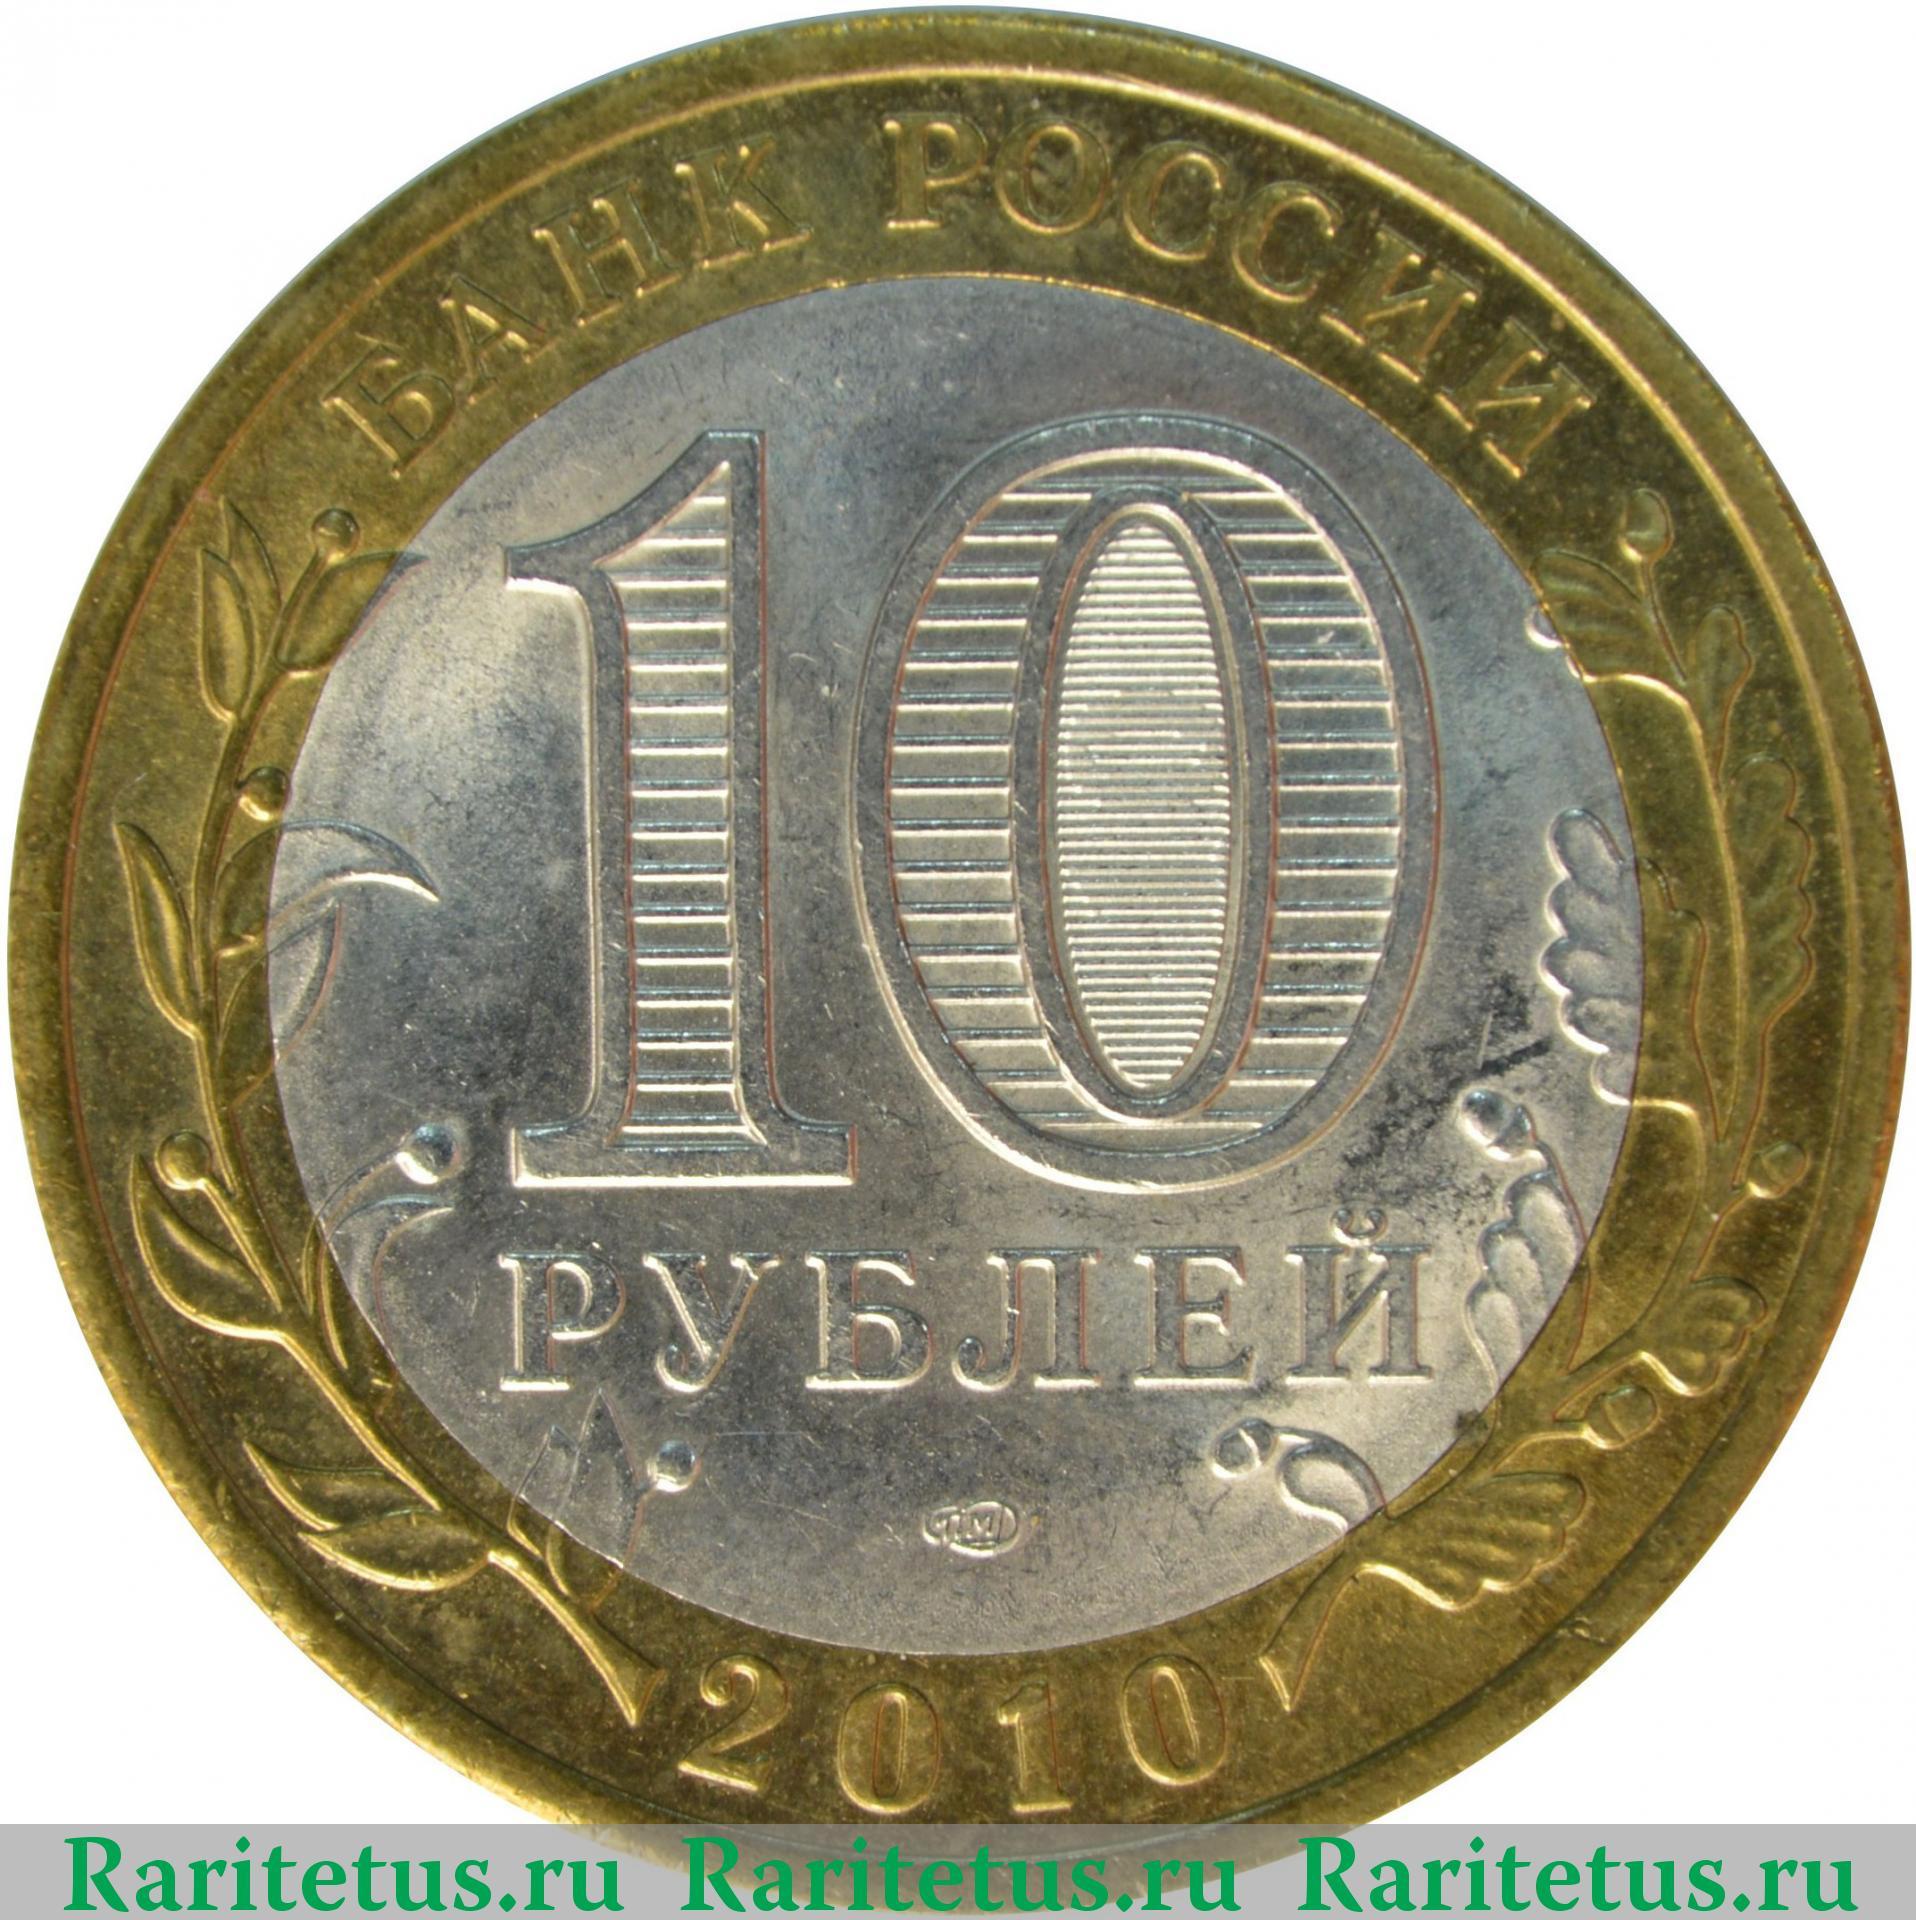 Монета 10 рублей 2010 г монета польша 50 грошей 1923 года